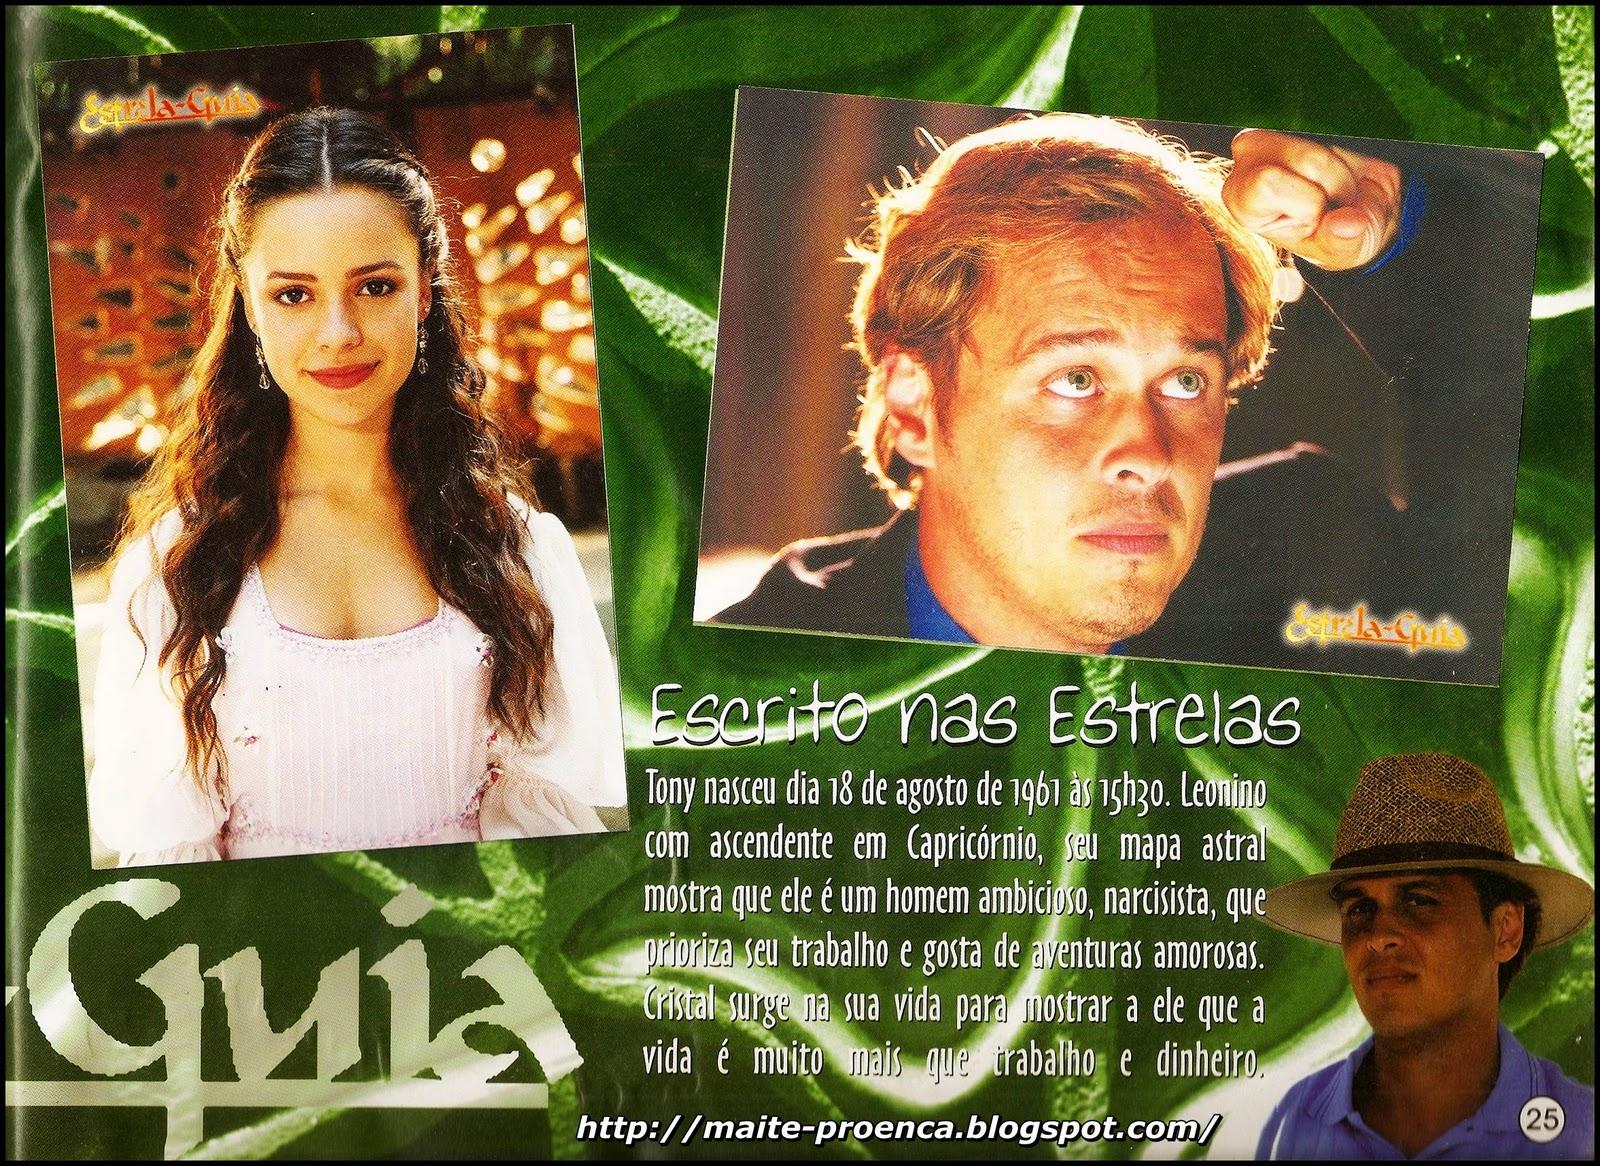 691+2001+Estrela+Guia+Album+(24).jpg